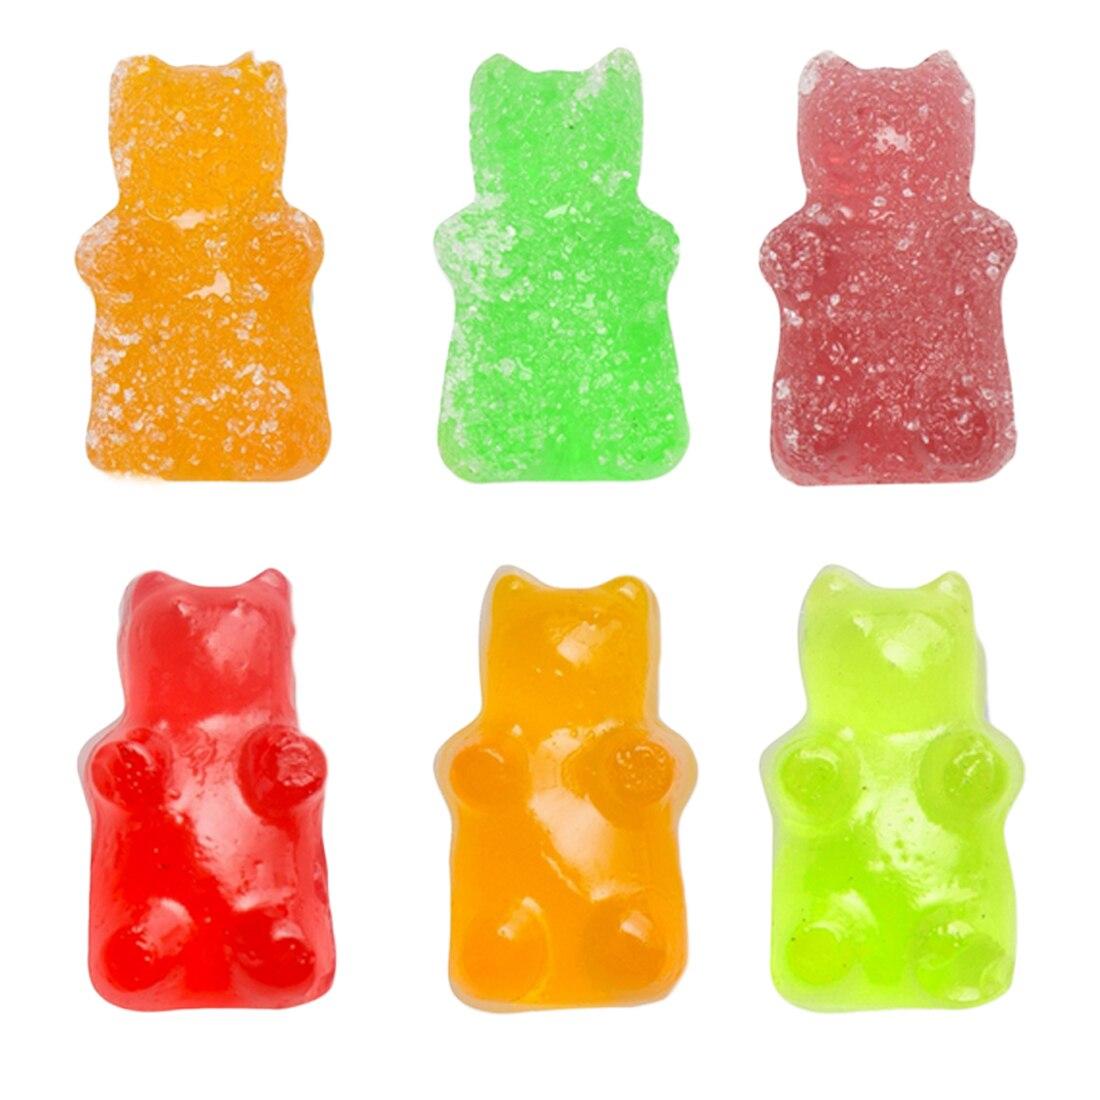 Горячее предложение 50 полость липких медведей жесткий конфеты шоколадные силиконовые мыло льда лоток для выпечки формы с капельницей